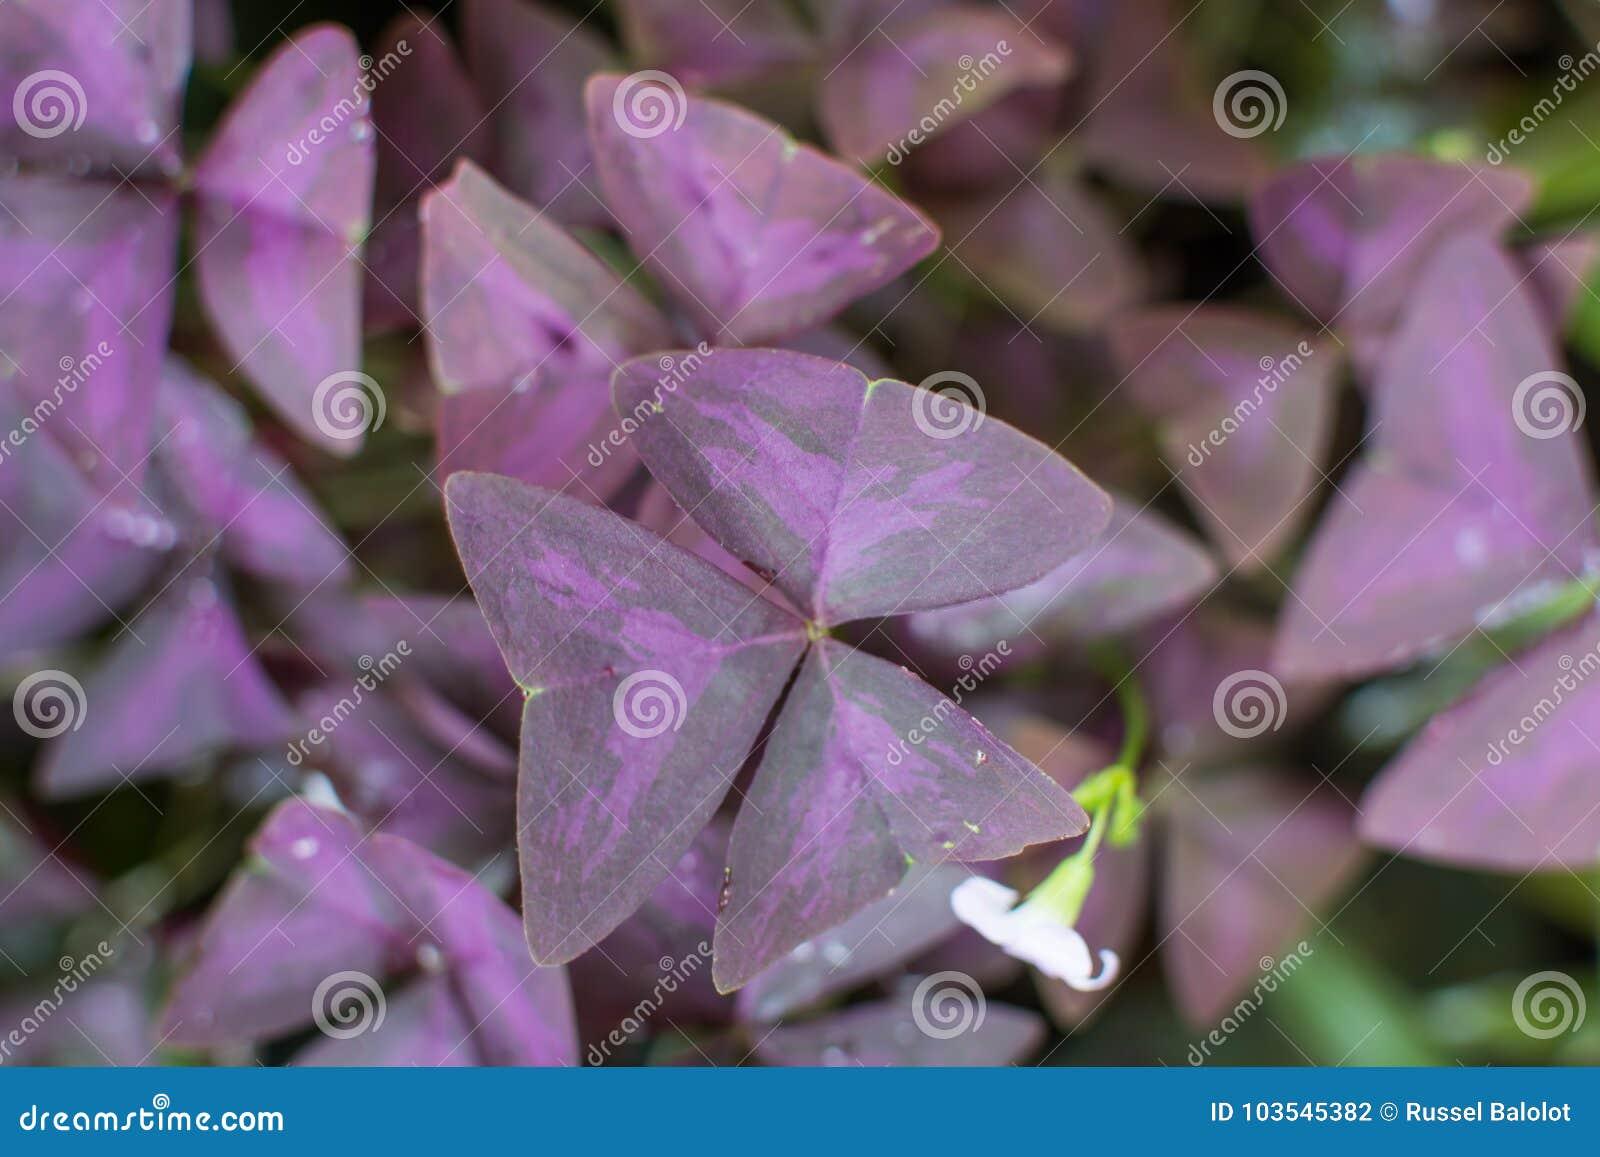 De bloem van Oxalistriangularis